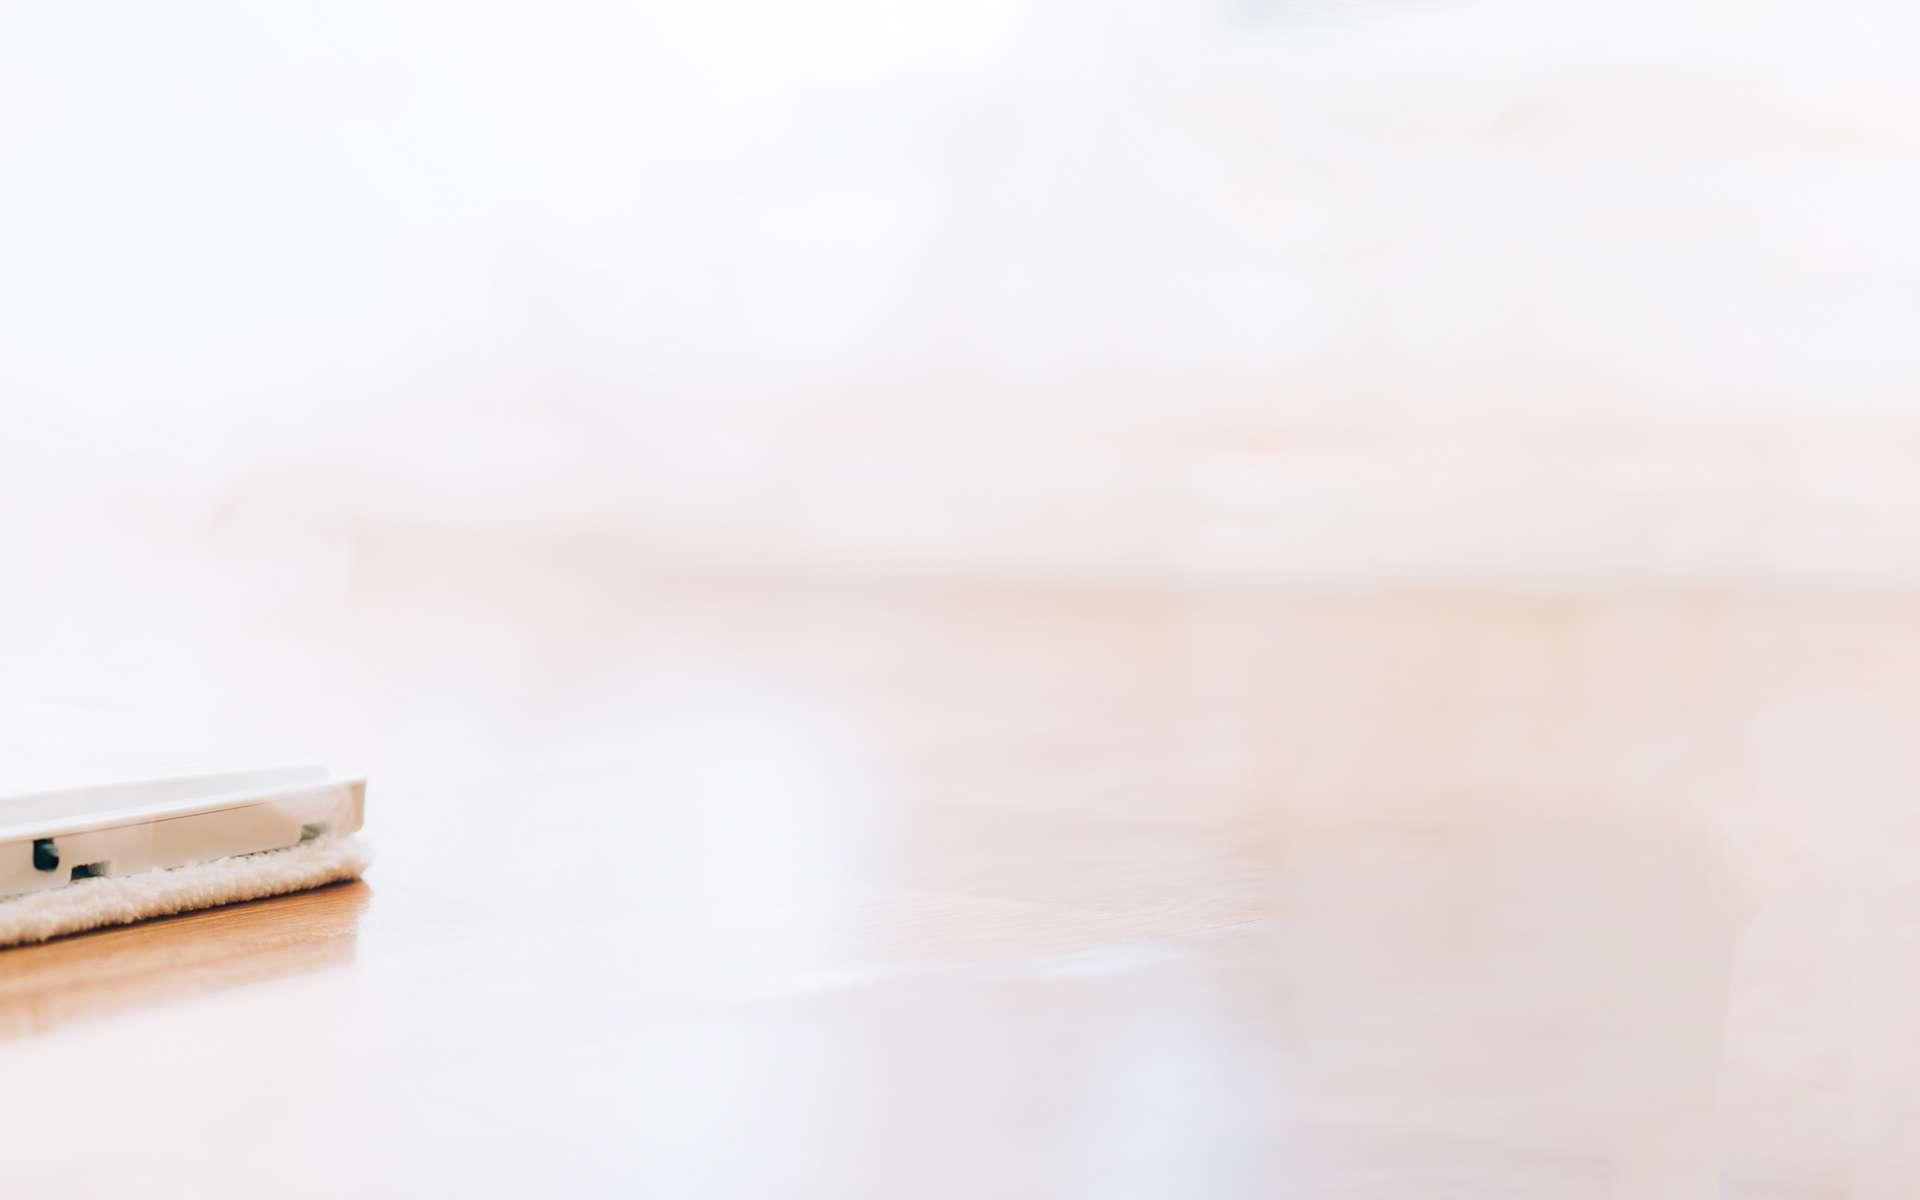 Nettoyer sans détergent, grâce à la vapeur. © jchizhe, Adobe Stock